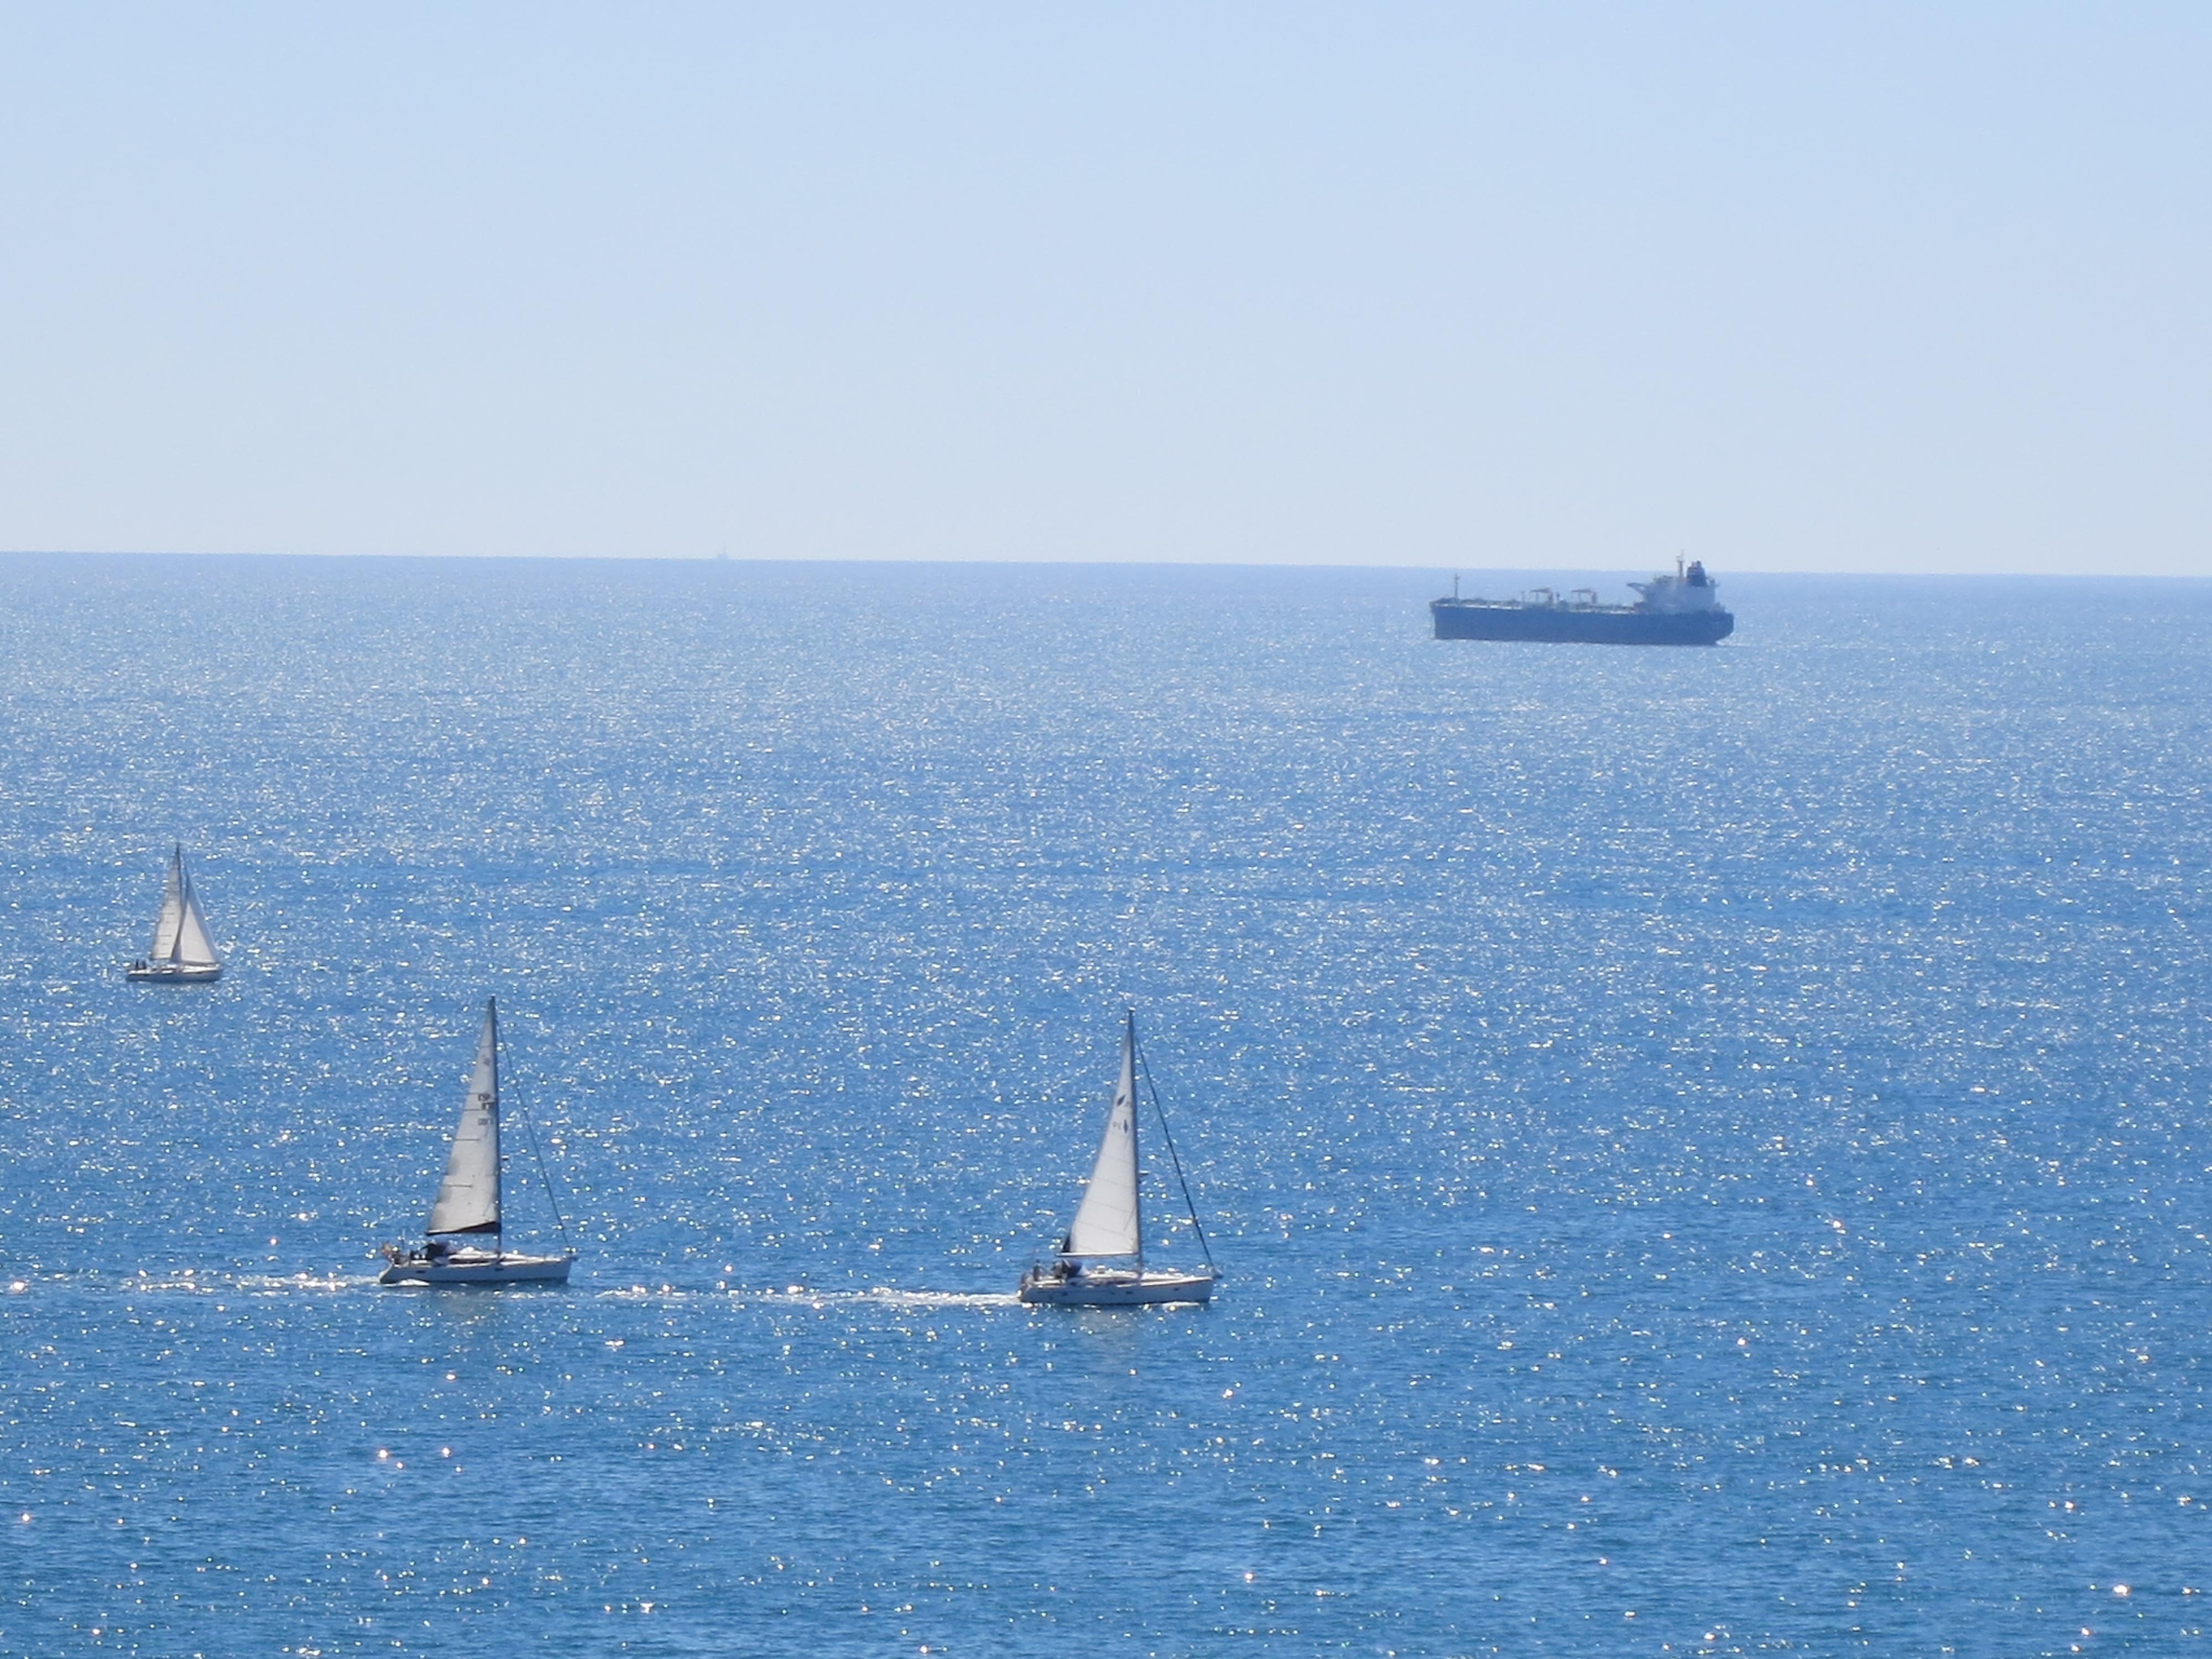 IMG_5198_春先というのに太陽の光が波間を照らしてまばゆい地中海 ースペイン地中海沿岸の街:タラゴナよりー